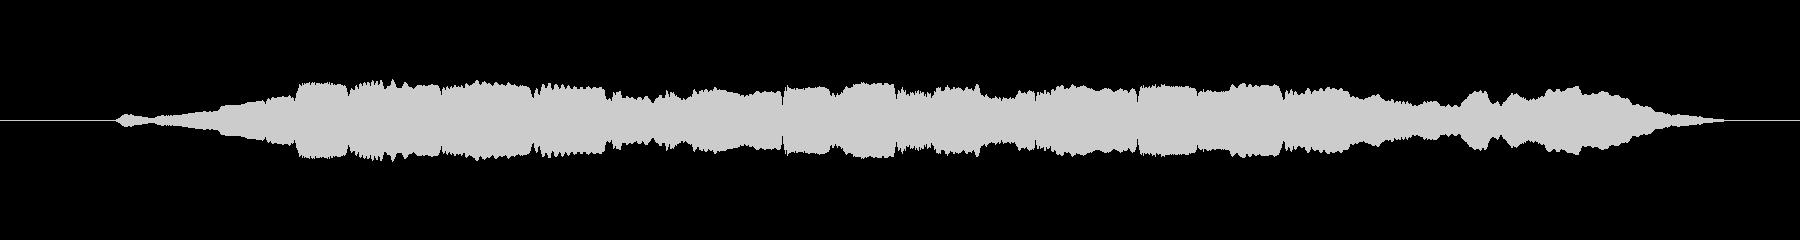 素材 オカリナランダムネスショート02の未再生の波形